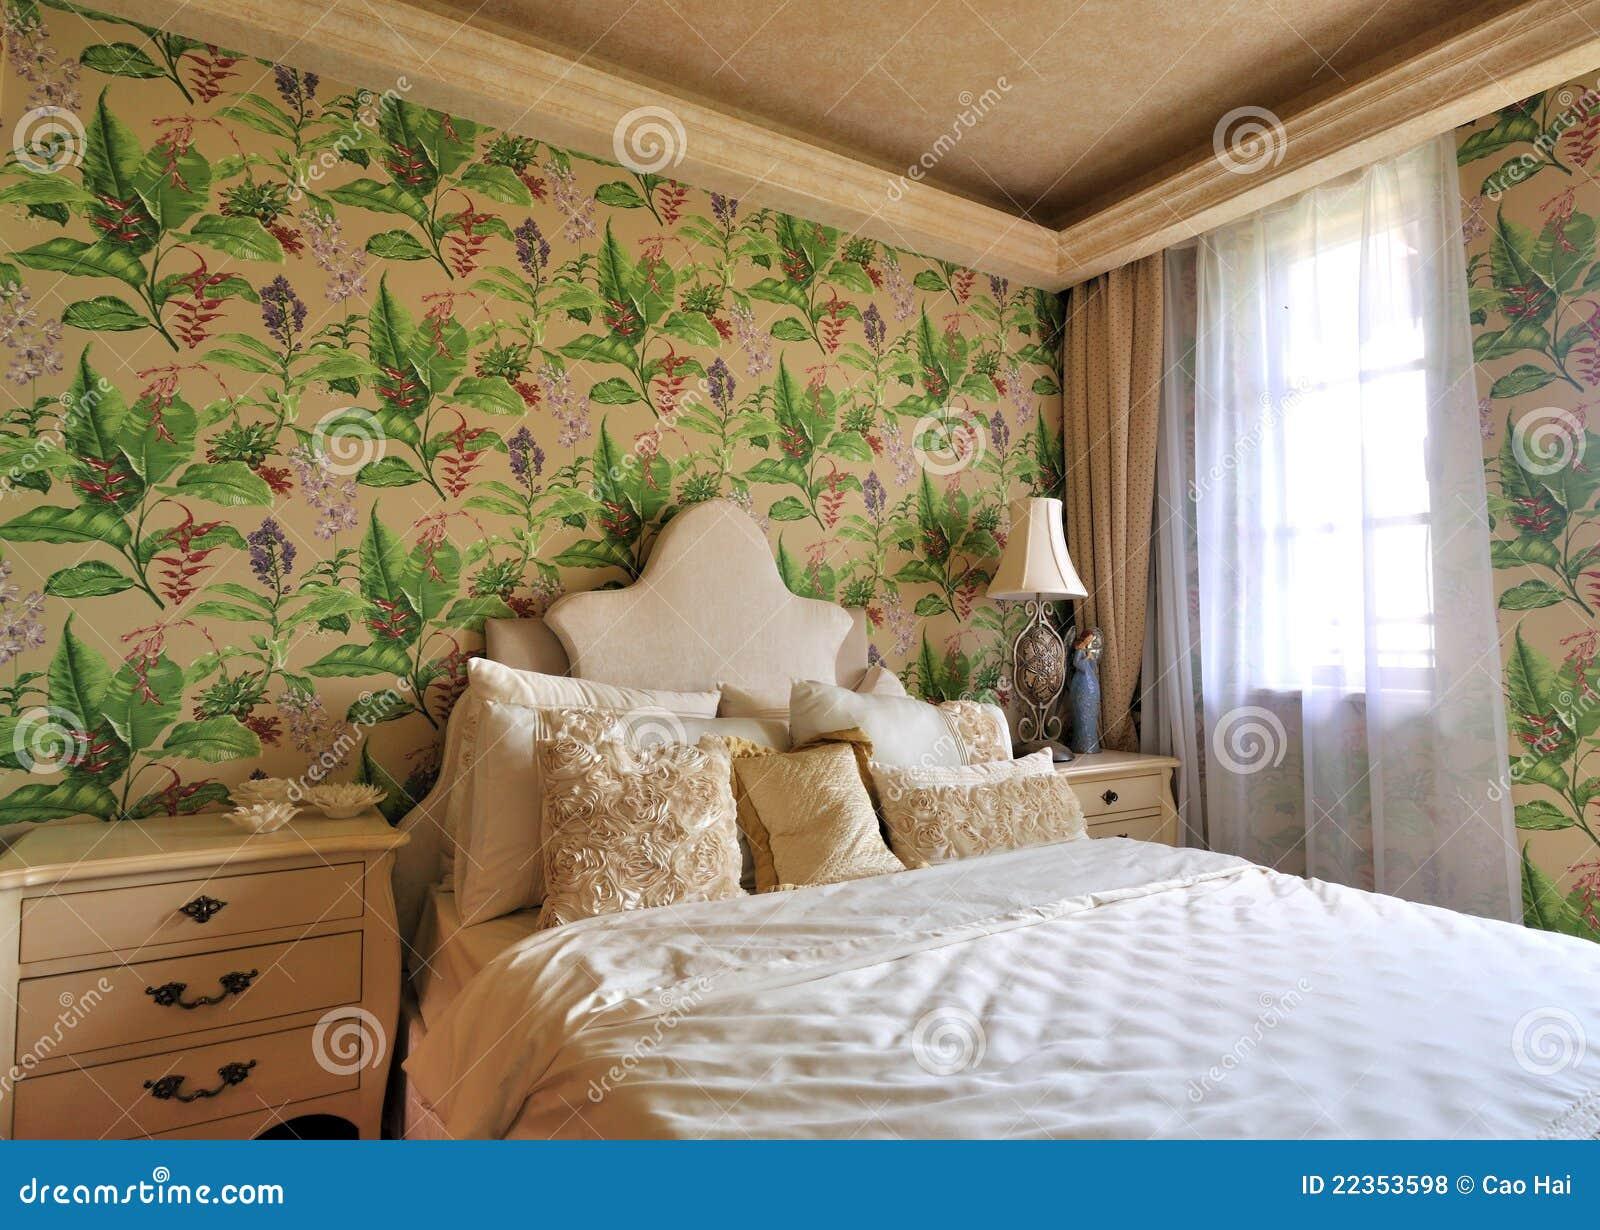 卧室用花装饰的照明设备早晨